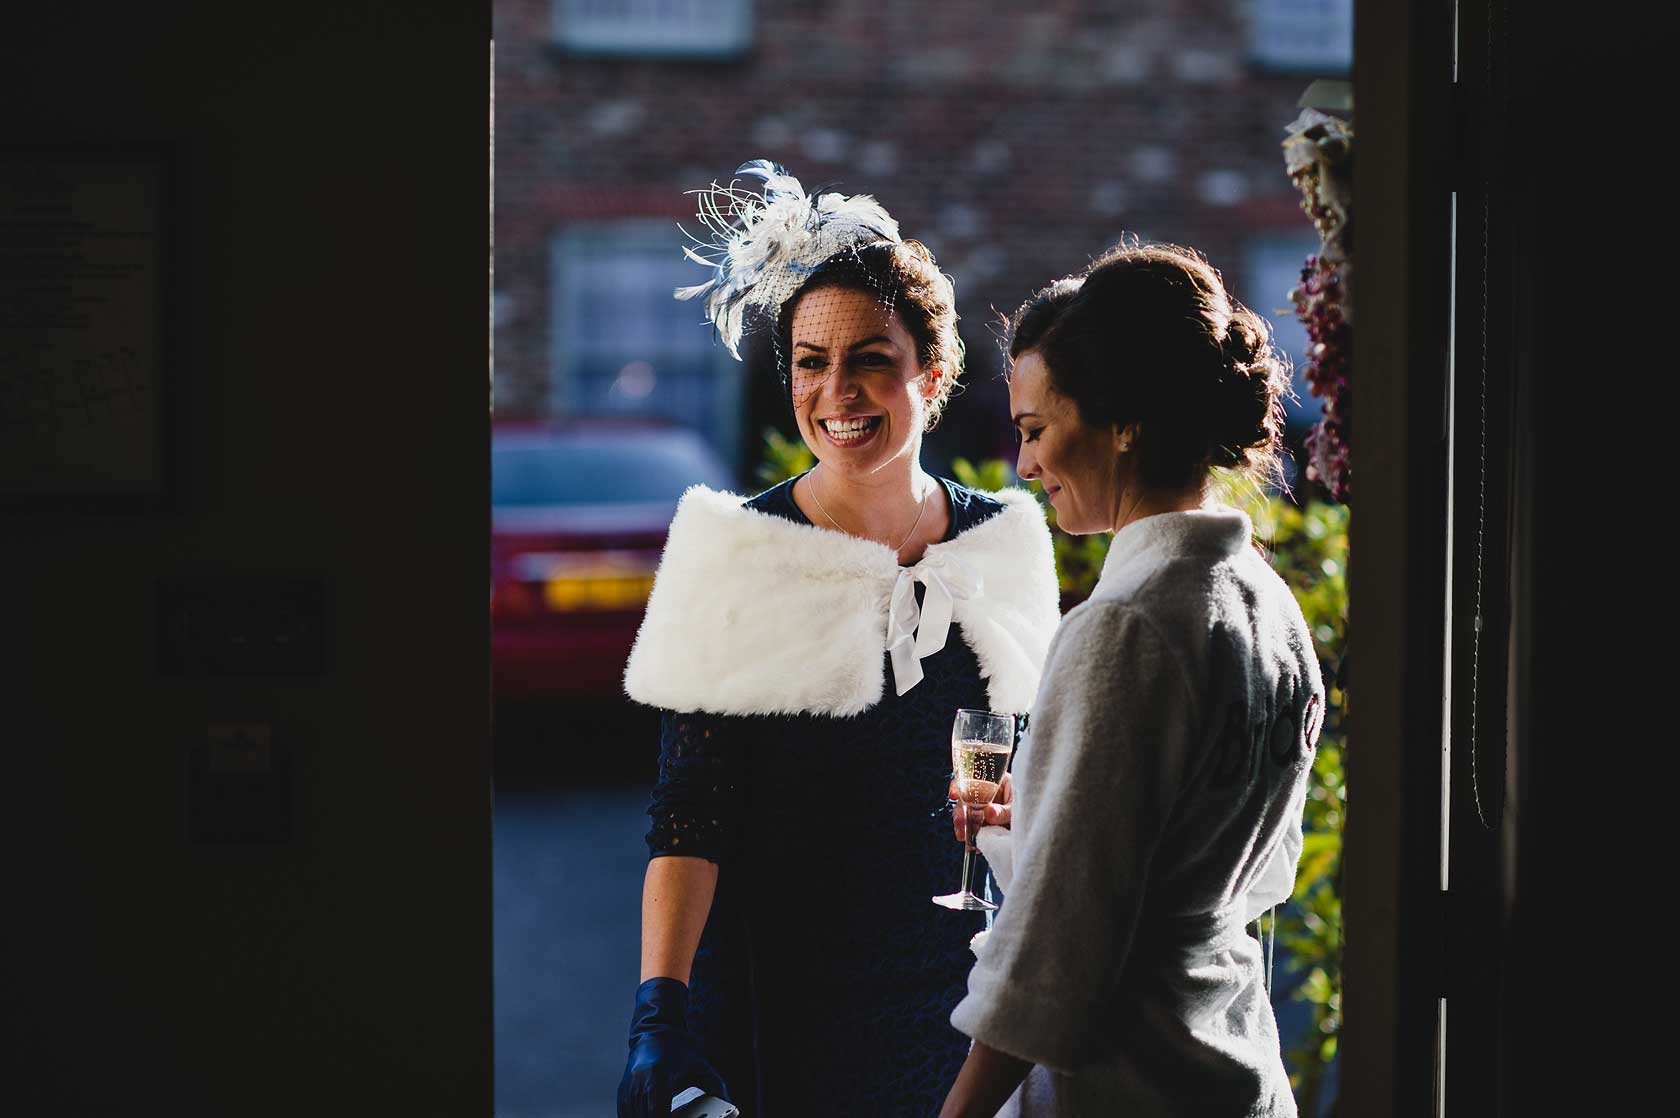 Bedfordshire Wedding Photojournalism